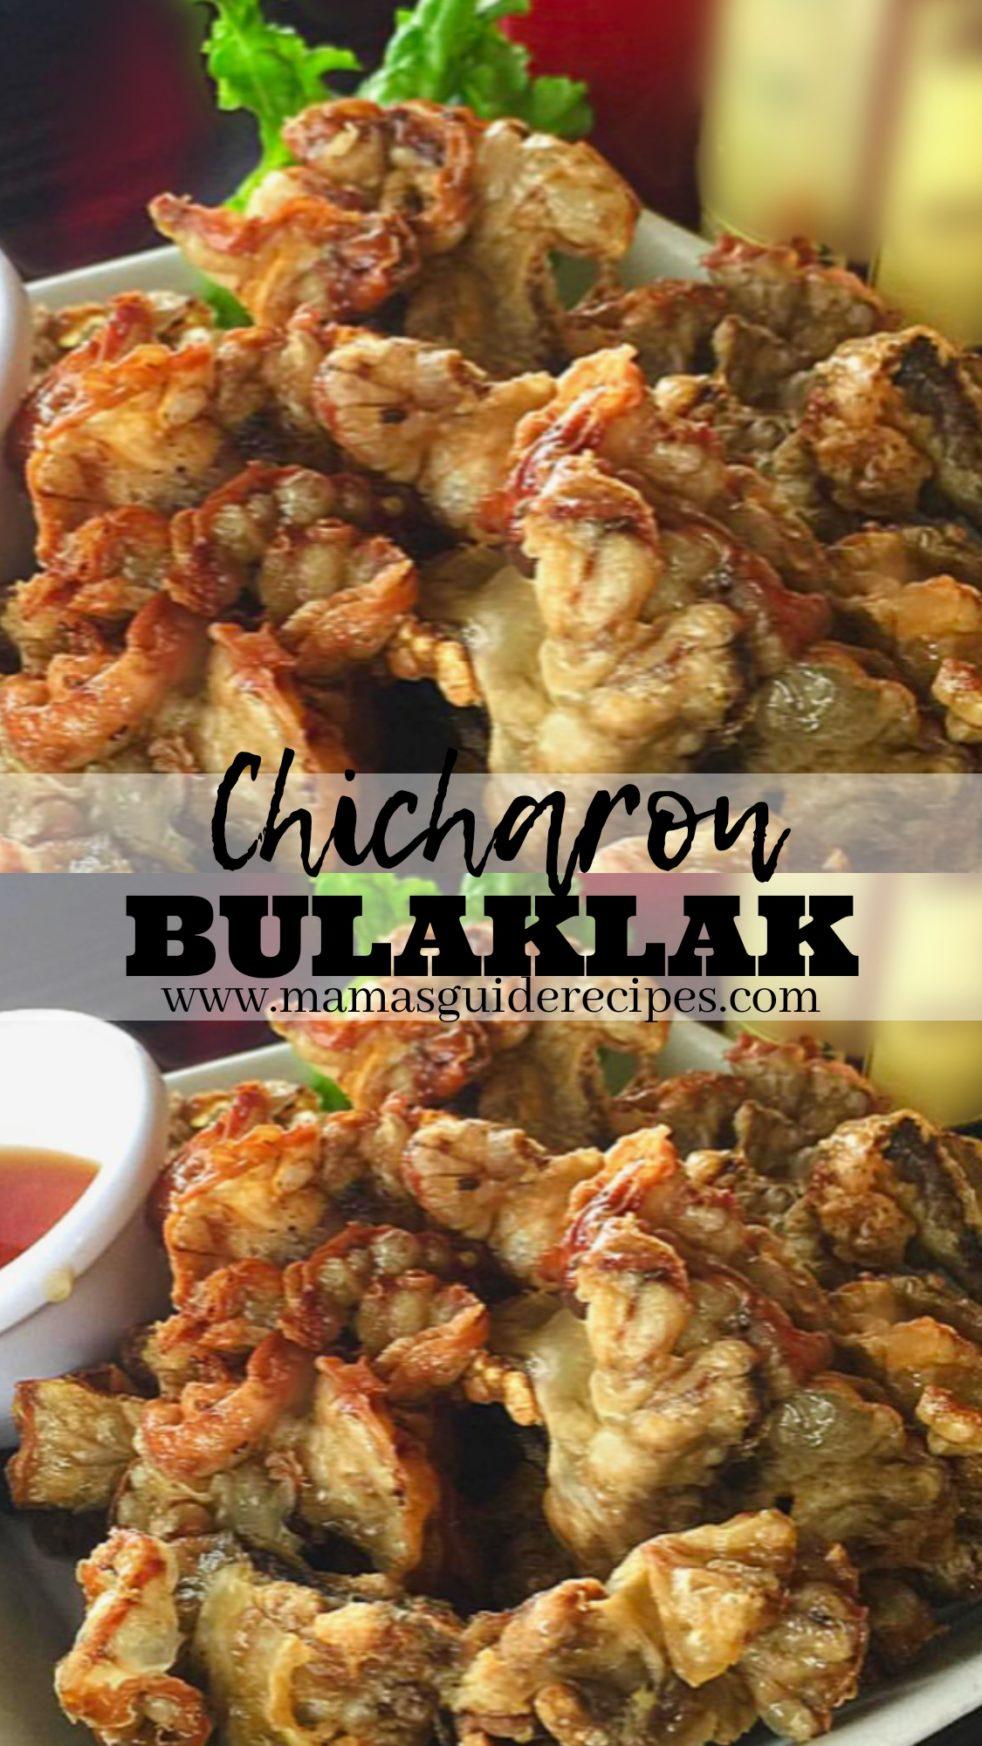 How to Cook Chicharon Bulaklak